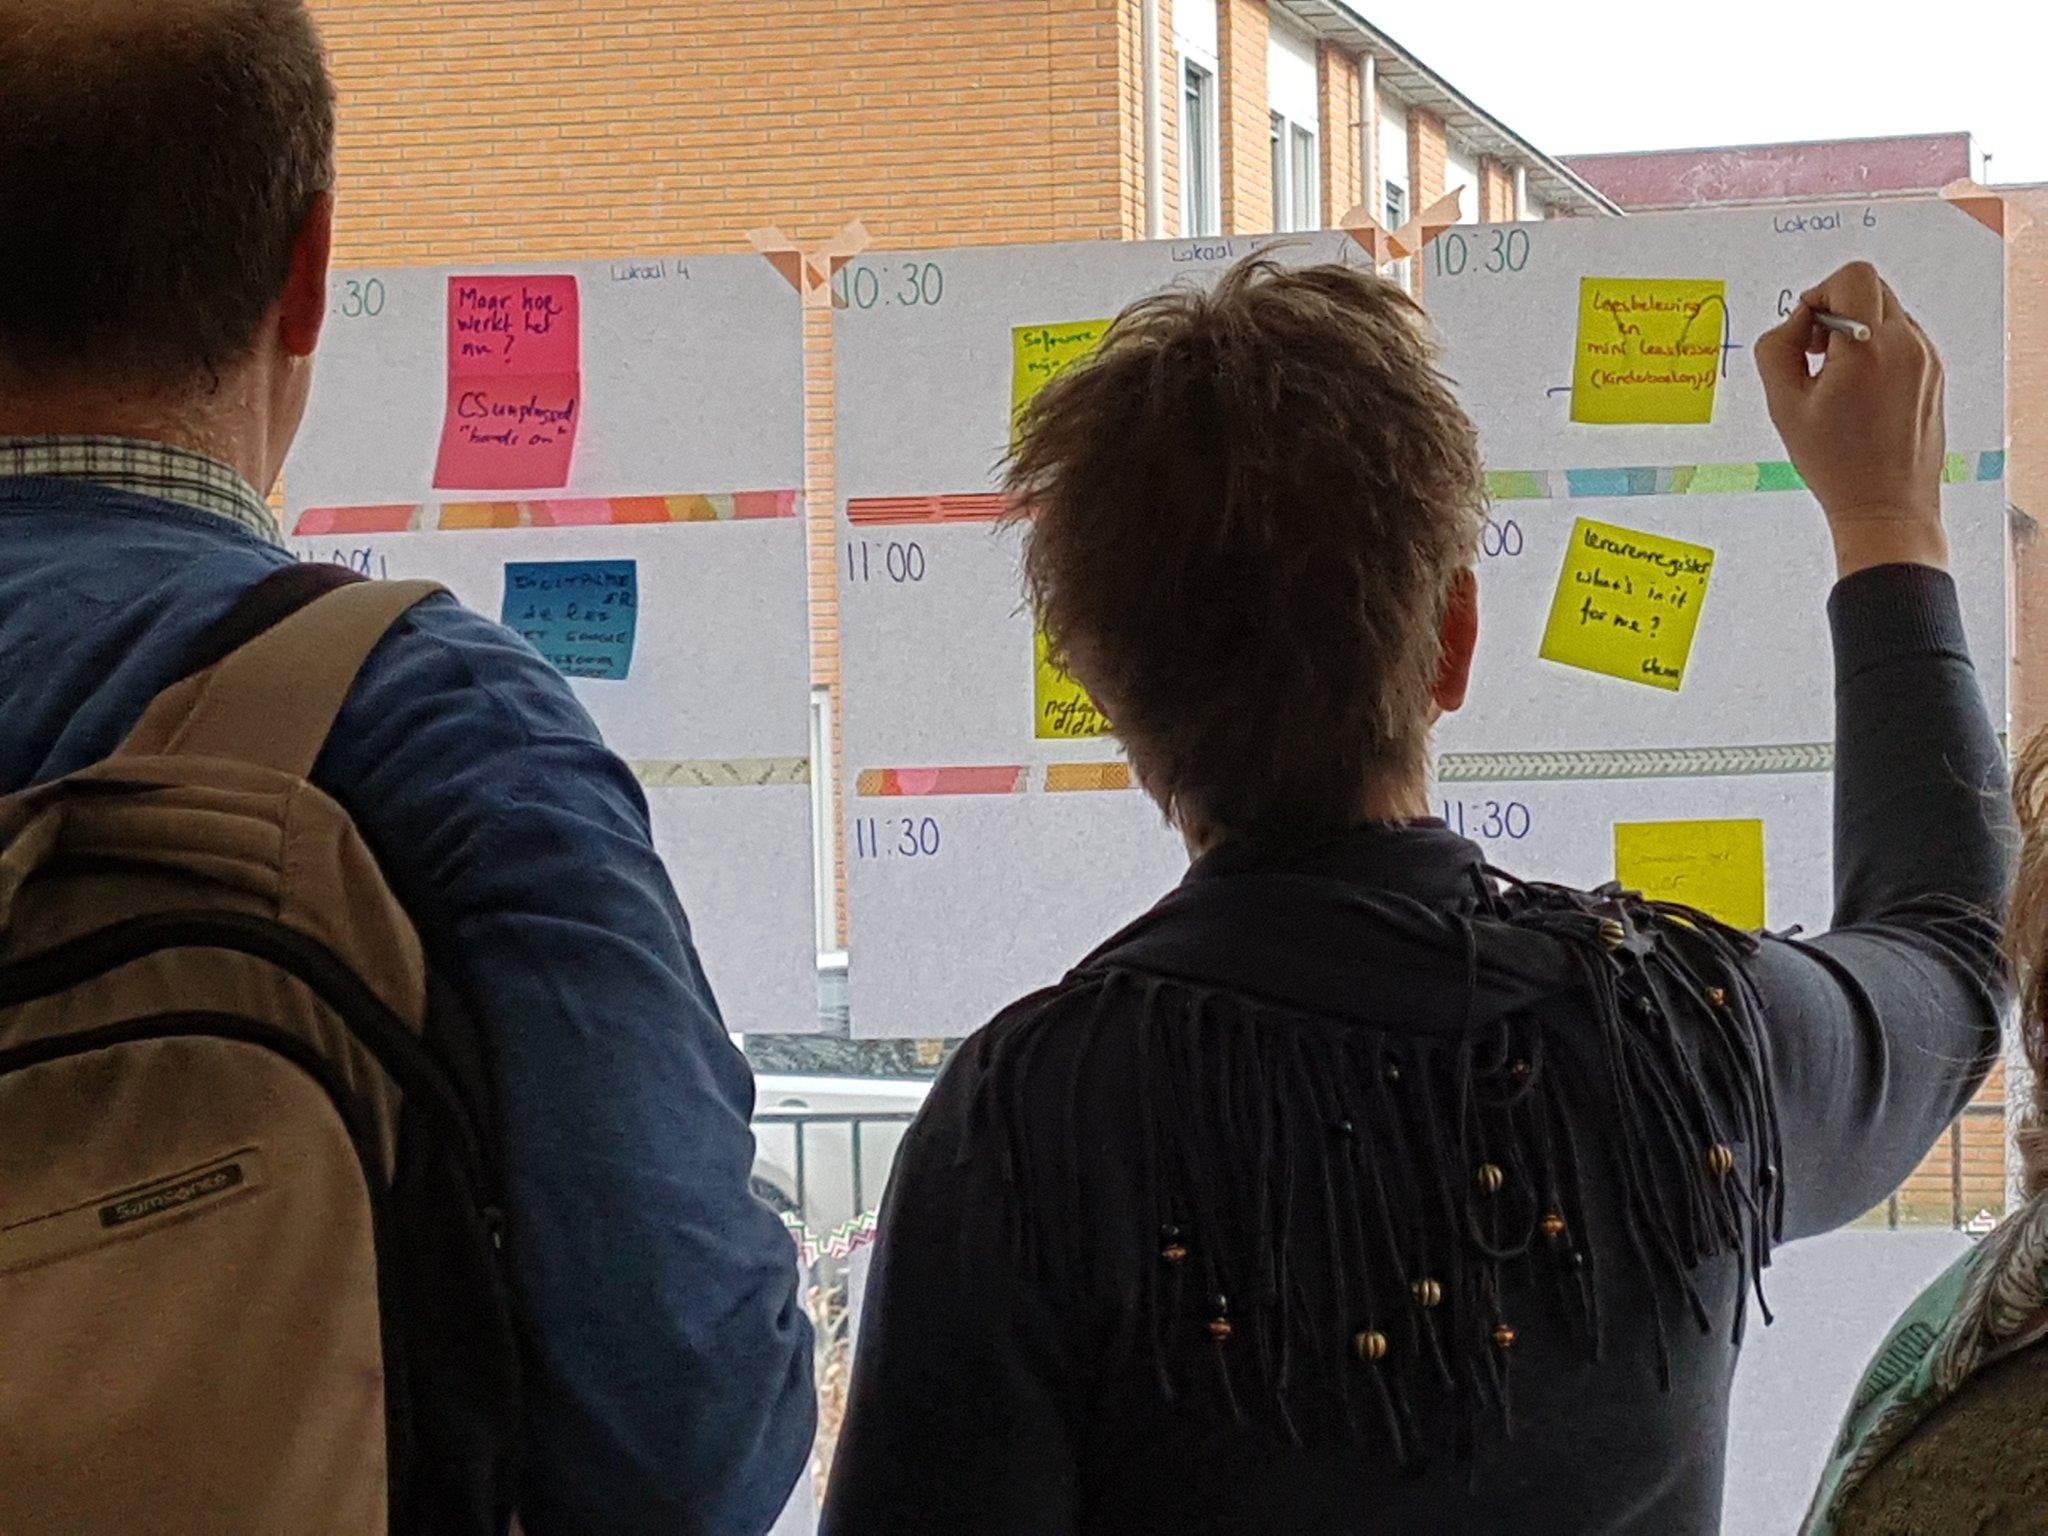 Mijn presentatie bij @edcampNL staat op het bord. Zo ga ik vertellen over leesbeleving, mini leeslessen en kinderboekenjuf.nl 😊 https://t.co/esT2phlOKi